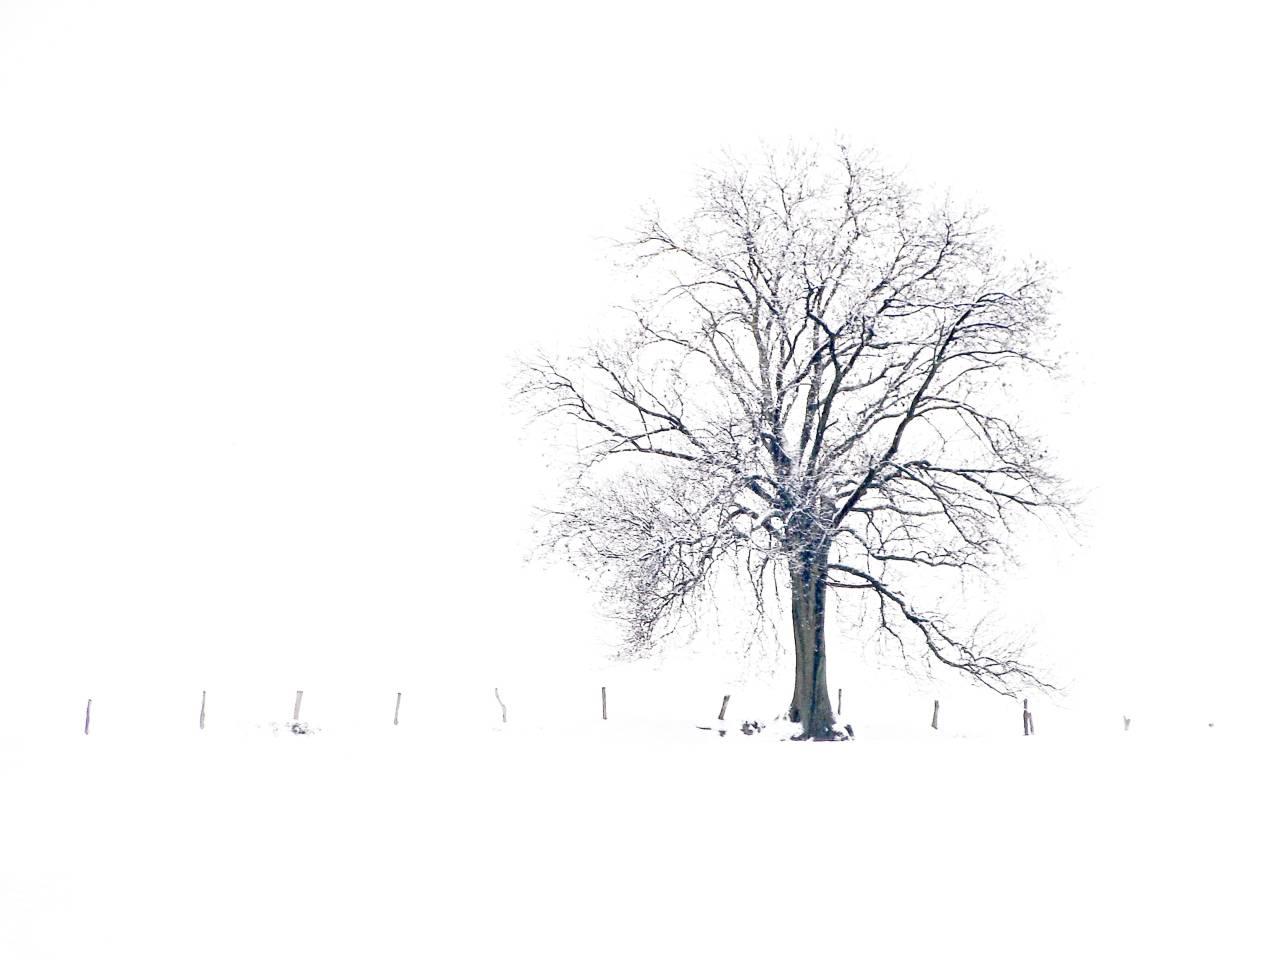 Winter, Schnee, NRW, Geramany, Art